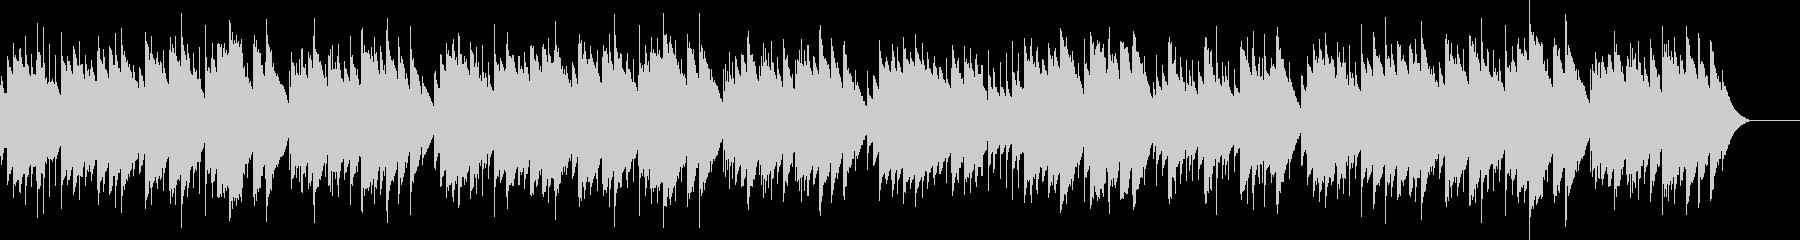 ディヴェルティメント 17番 オルゴールの未再生の波形